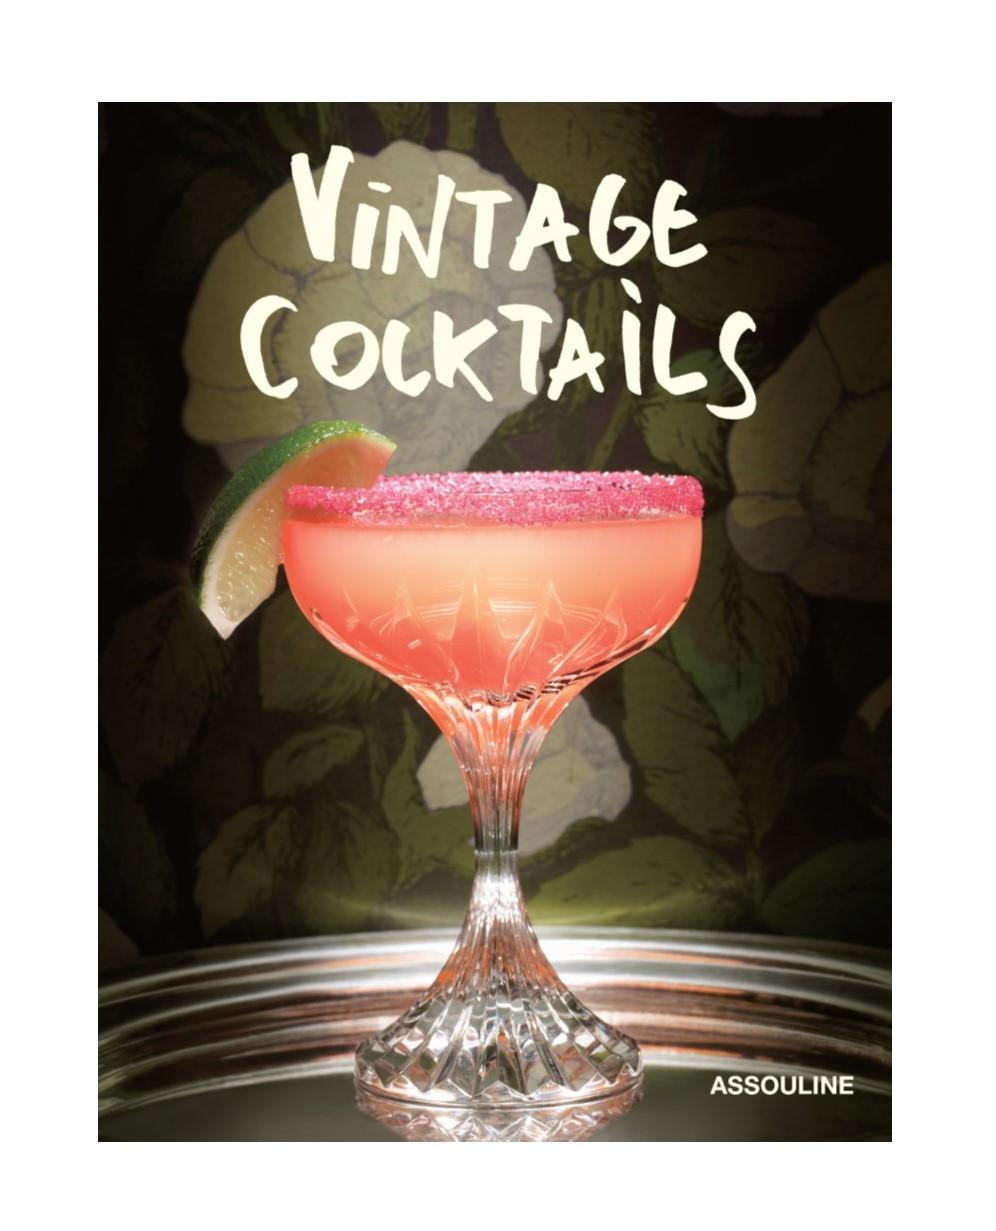 vintage cocktails (2).jpg